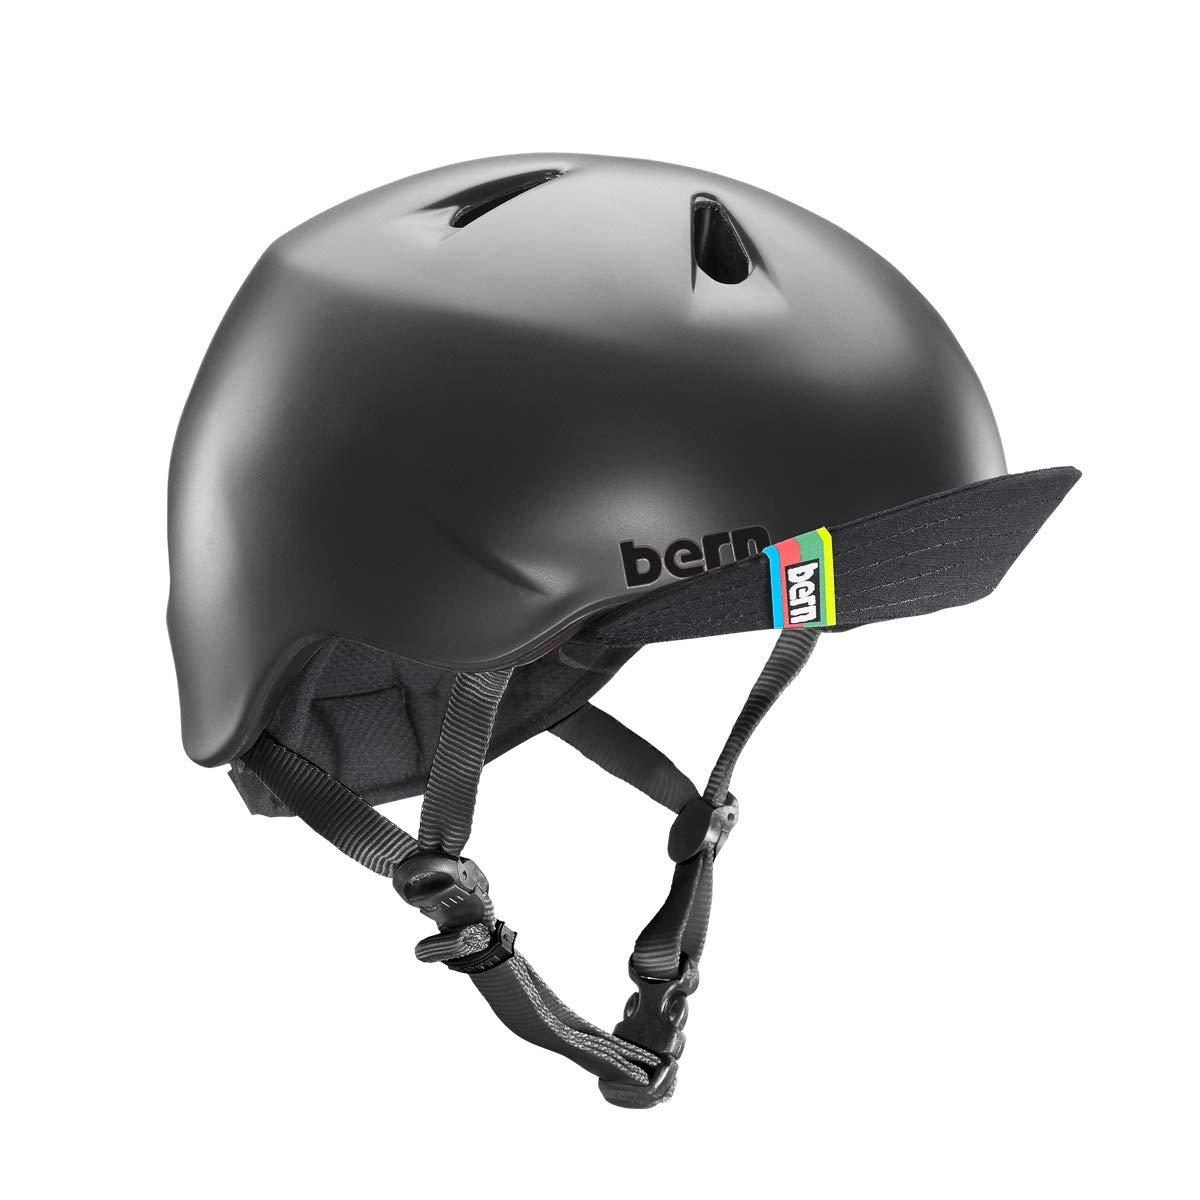 Bern Unlimited Jr. Nino Summer Bike Skate Sport Helmet with Visor